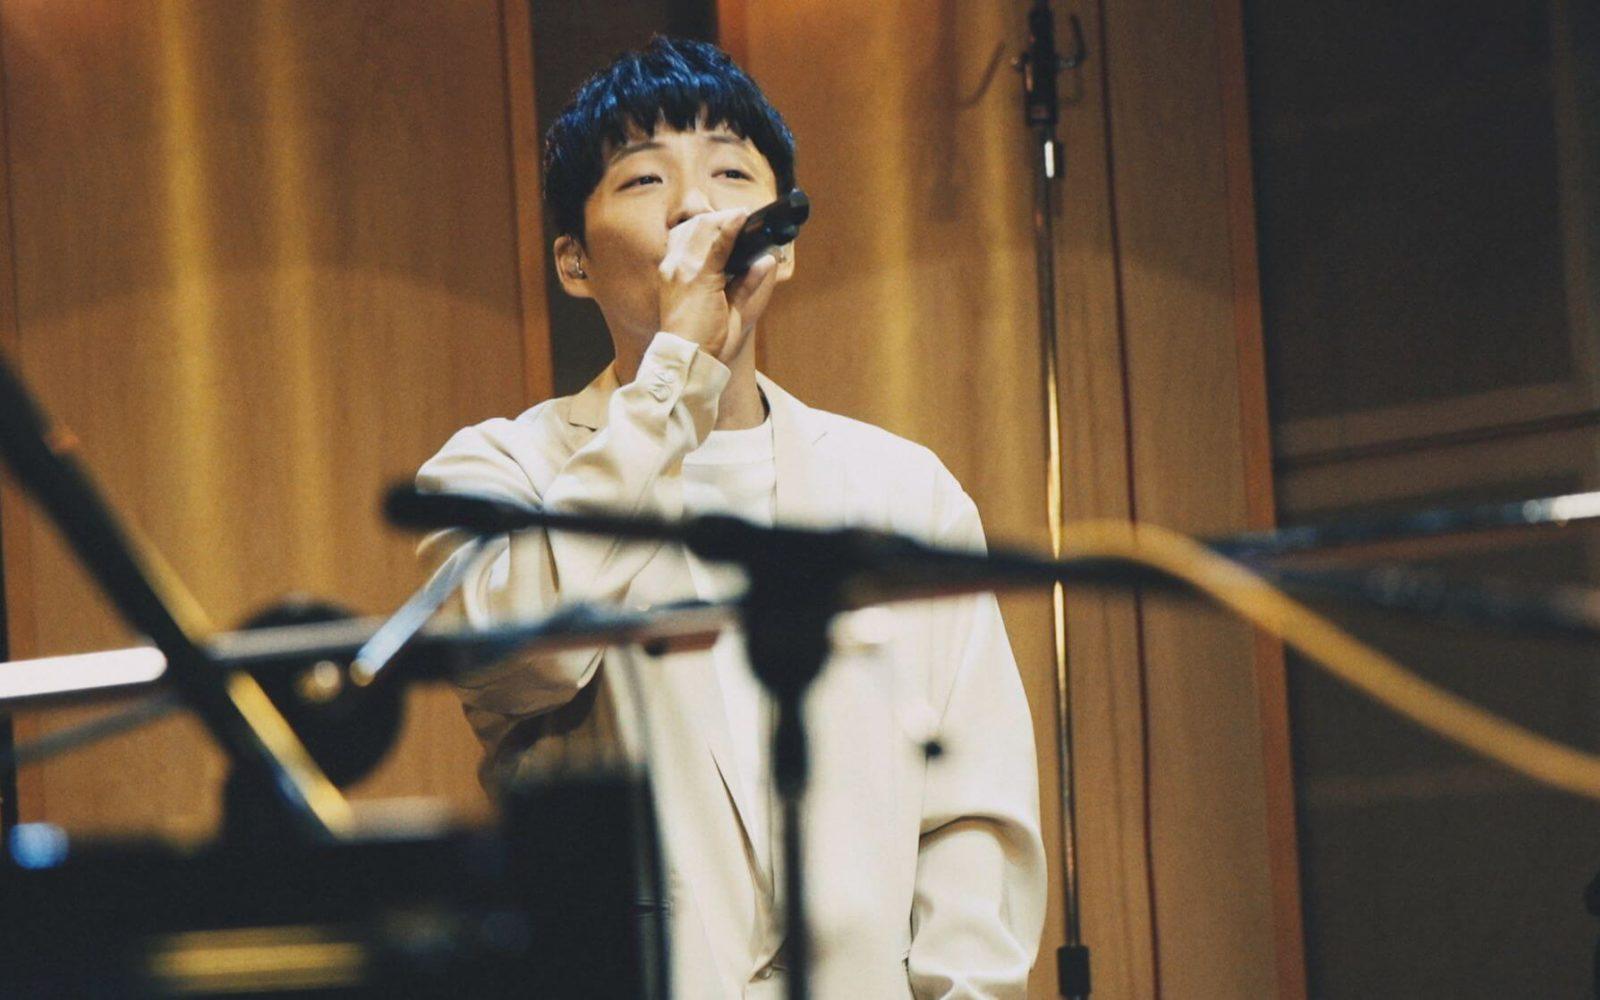 星野源、ニューアルバム『POP VIRUS』初回限定盤にスタジオライブ映像&創作密着ドキュメンタリーを収録サムネイル画像